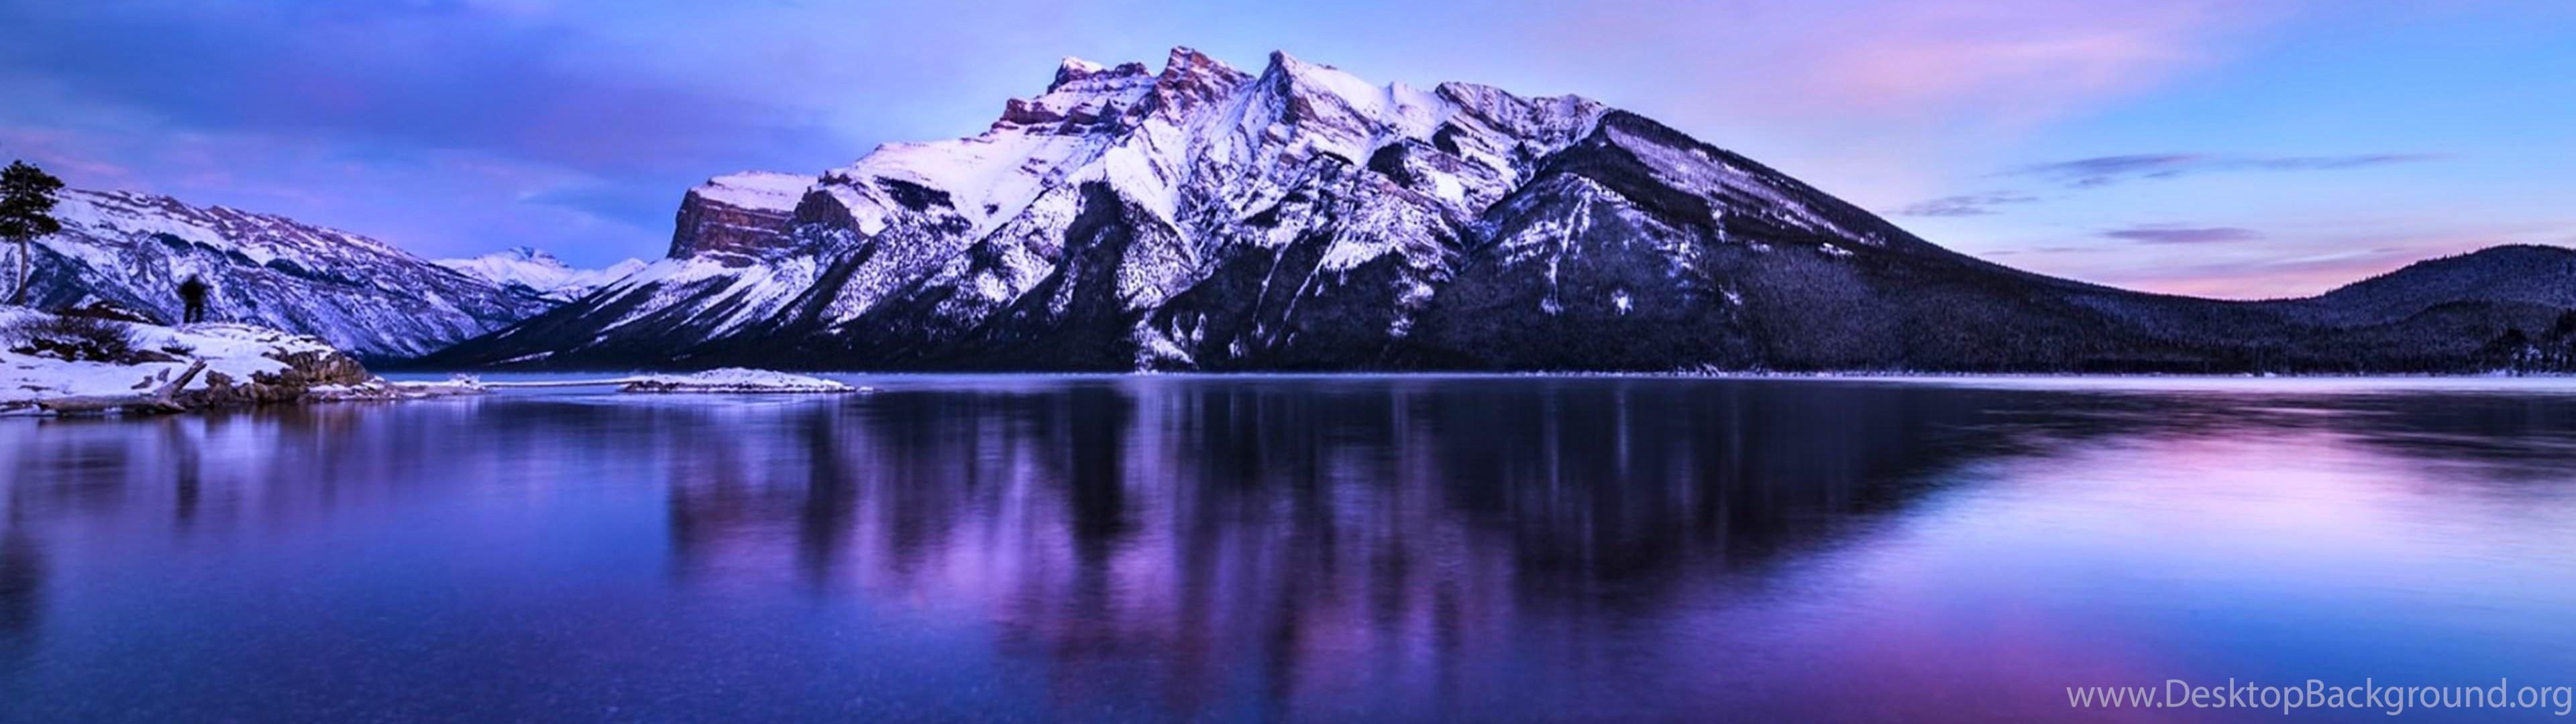 Download Banff National Park Hd Wallpapers For 4k 3840 X 2160 Desktop Background